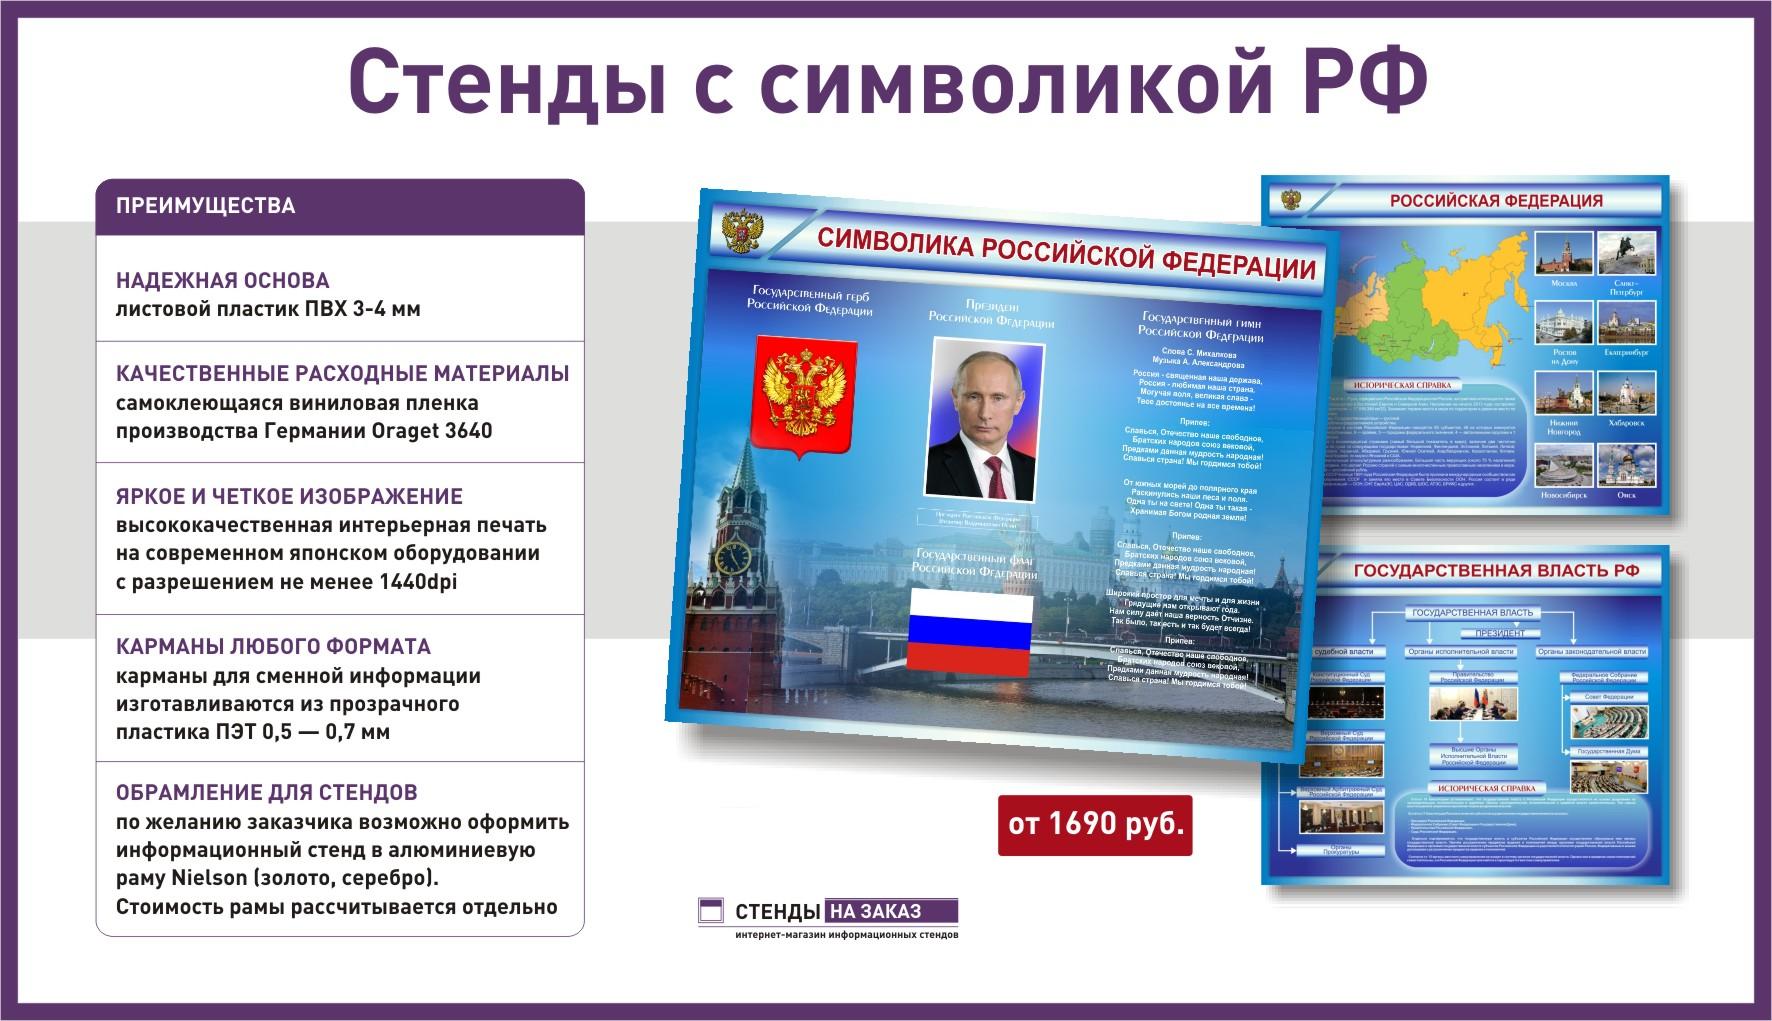 Стенды с символикой РФ